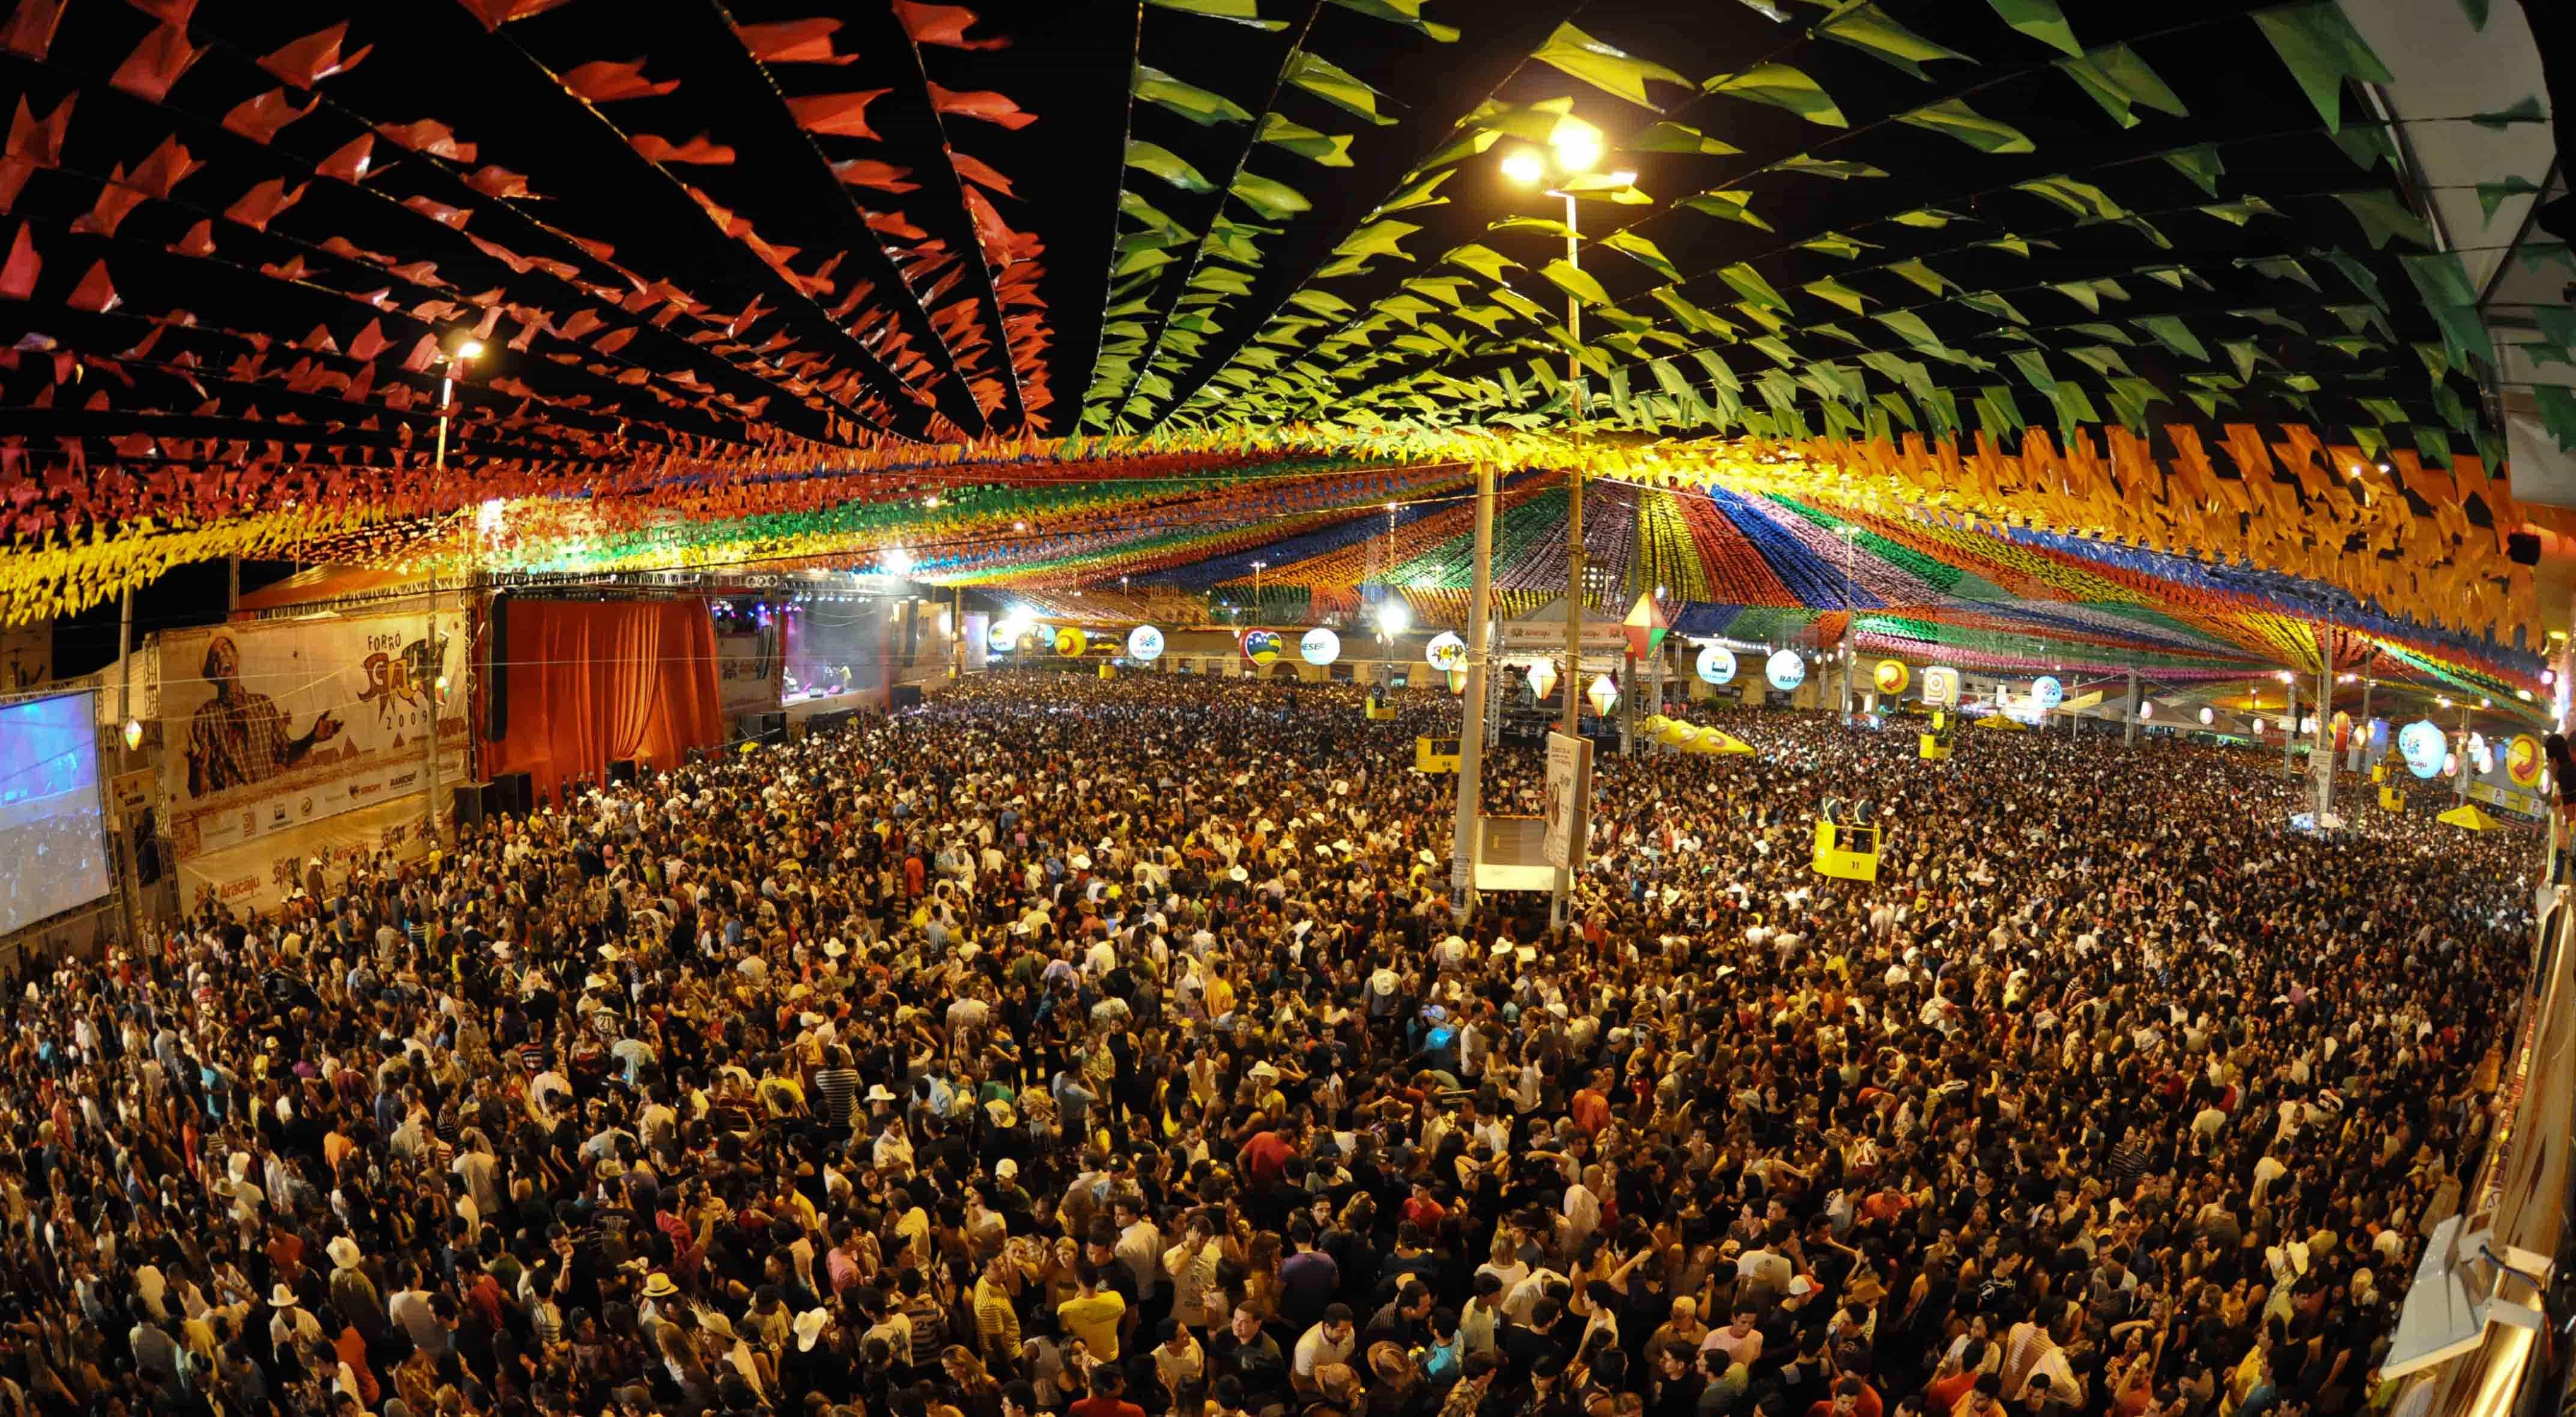 Festejos de São João movimentam economia em vários estados